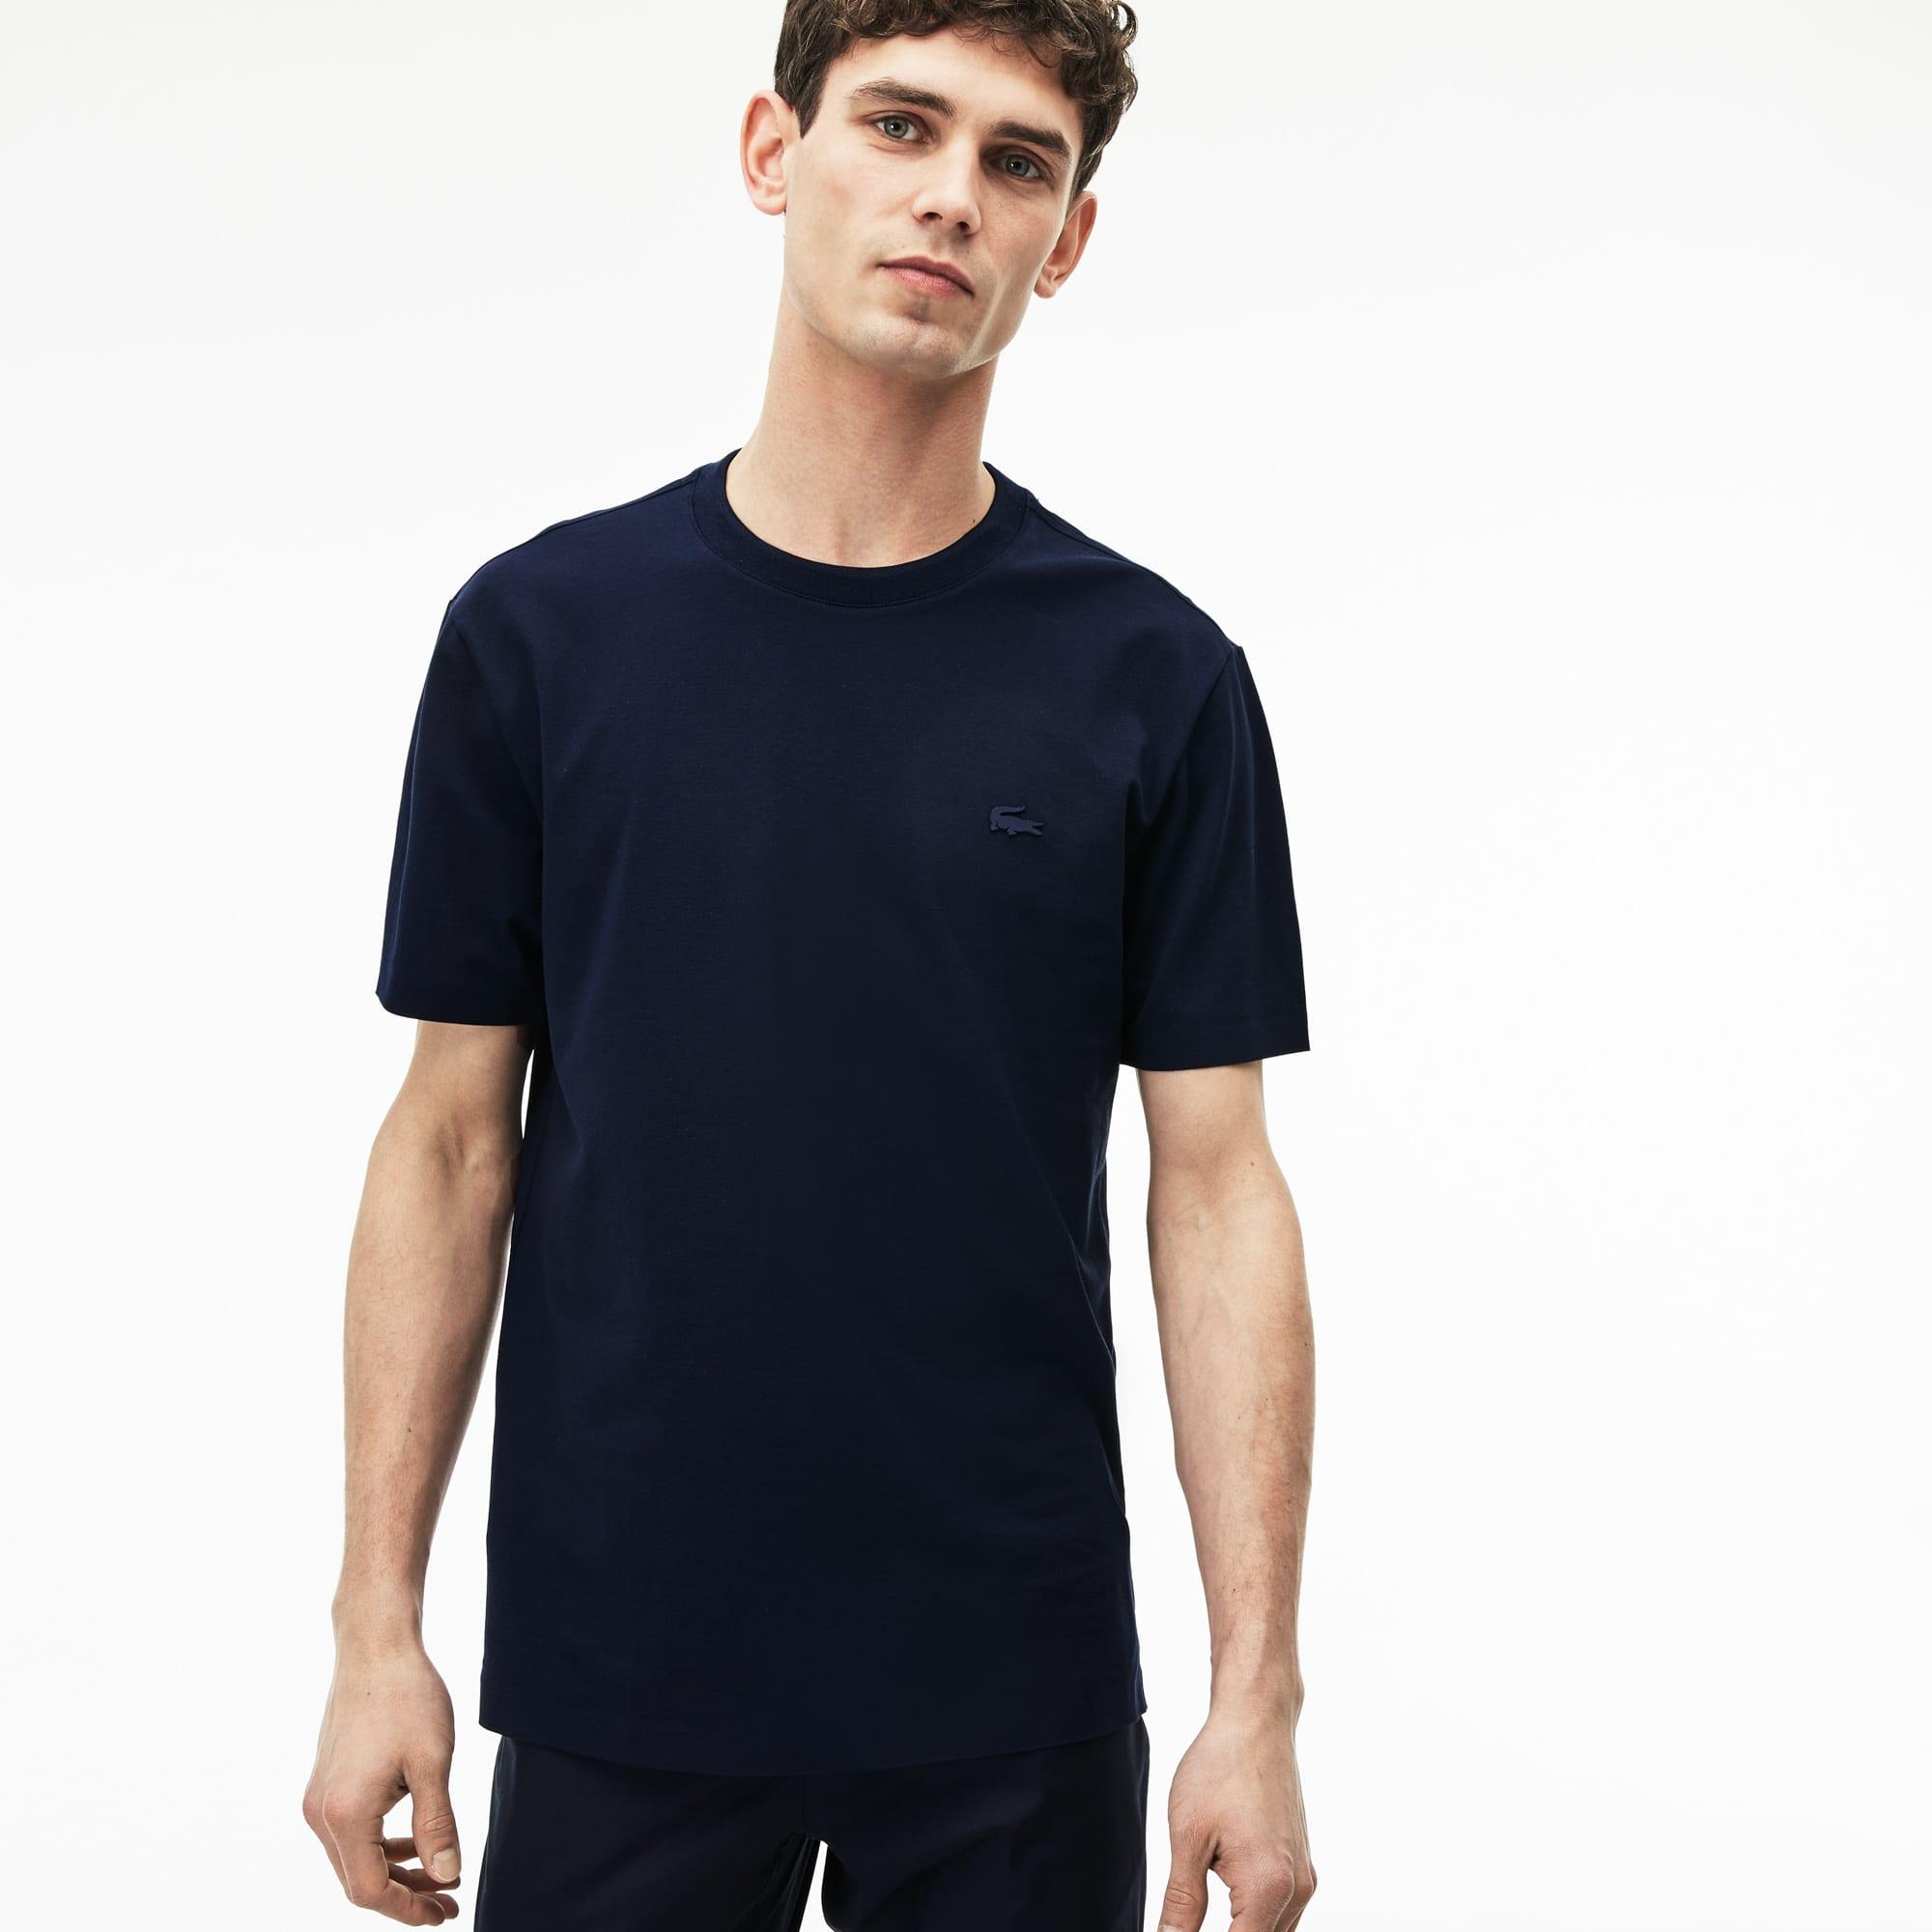 Lacoste MOTION-T-shirt heren ronde hals pima-katoenpiqué